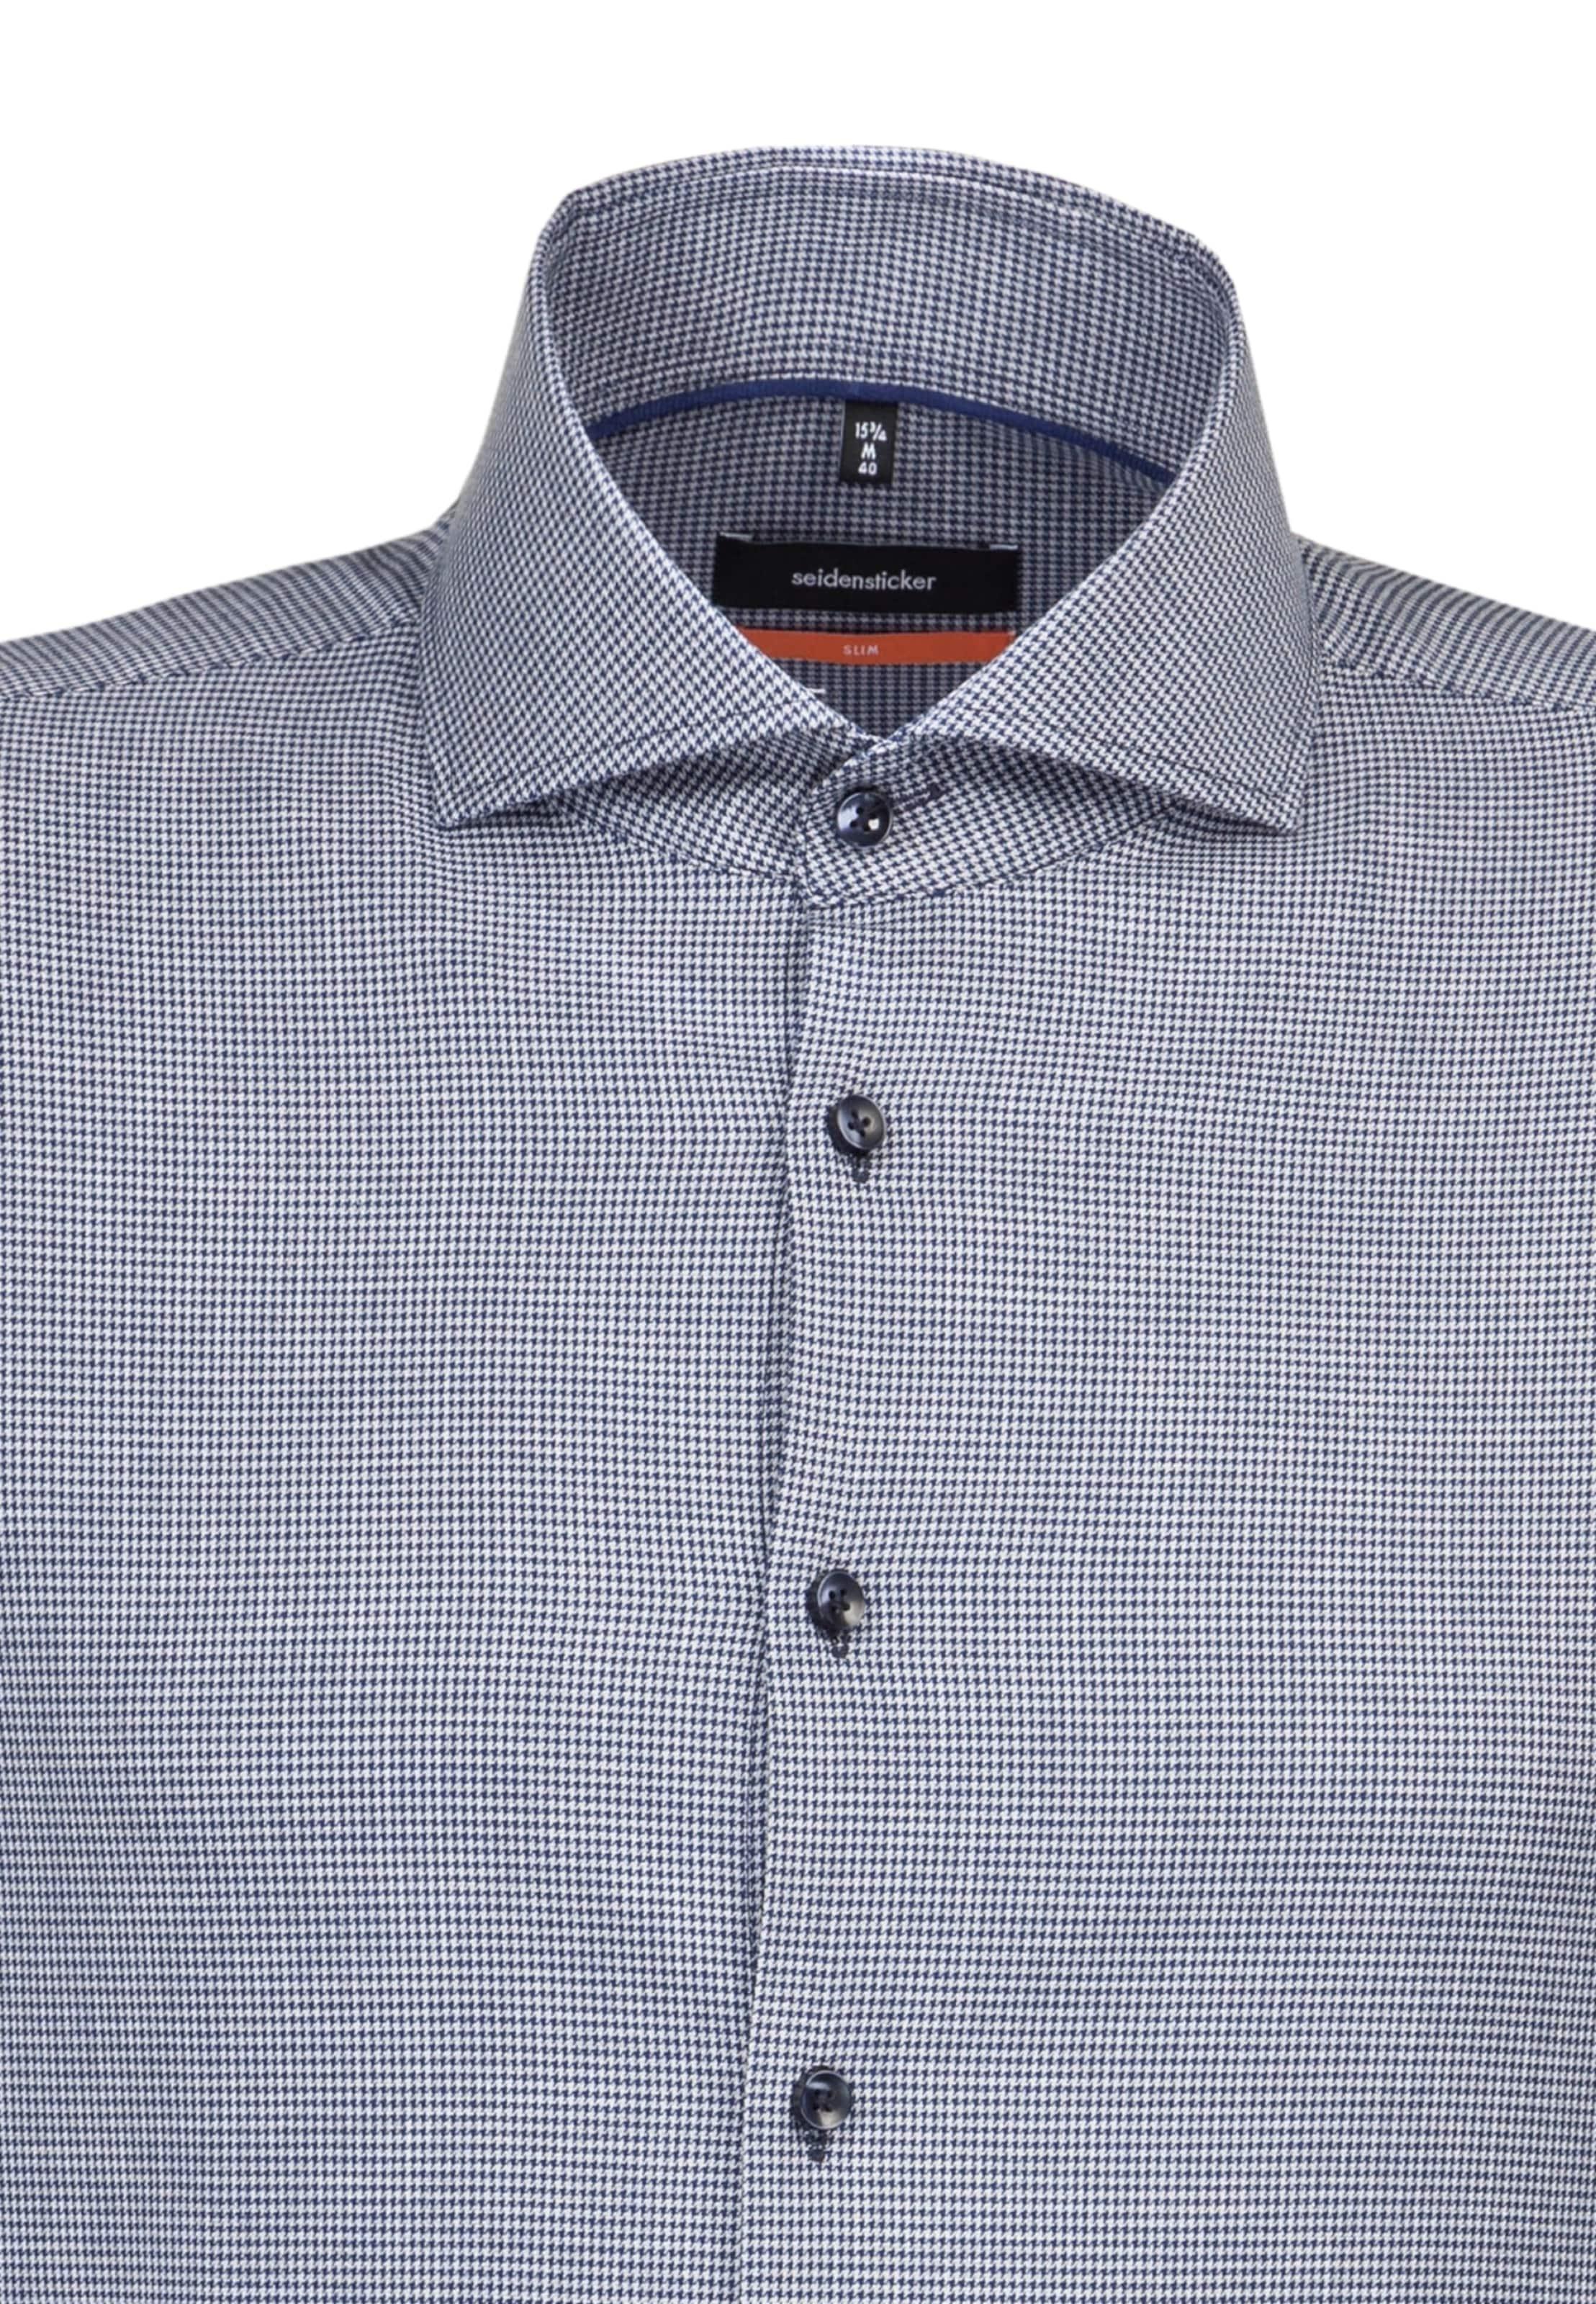 TaubenblauWeiß TaubenblauWeiß 'slim' In Seidensticker Seidensticker Hemd Hemd 'slim' In OXukZPiT